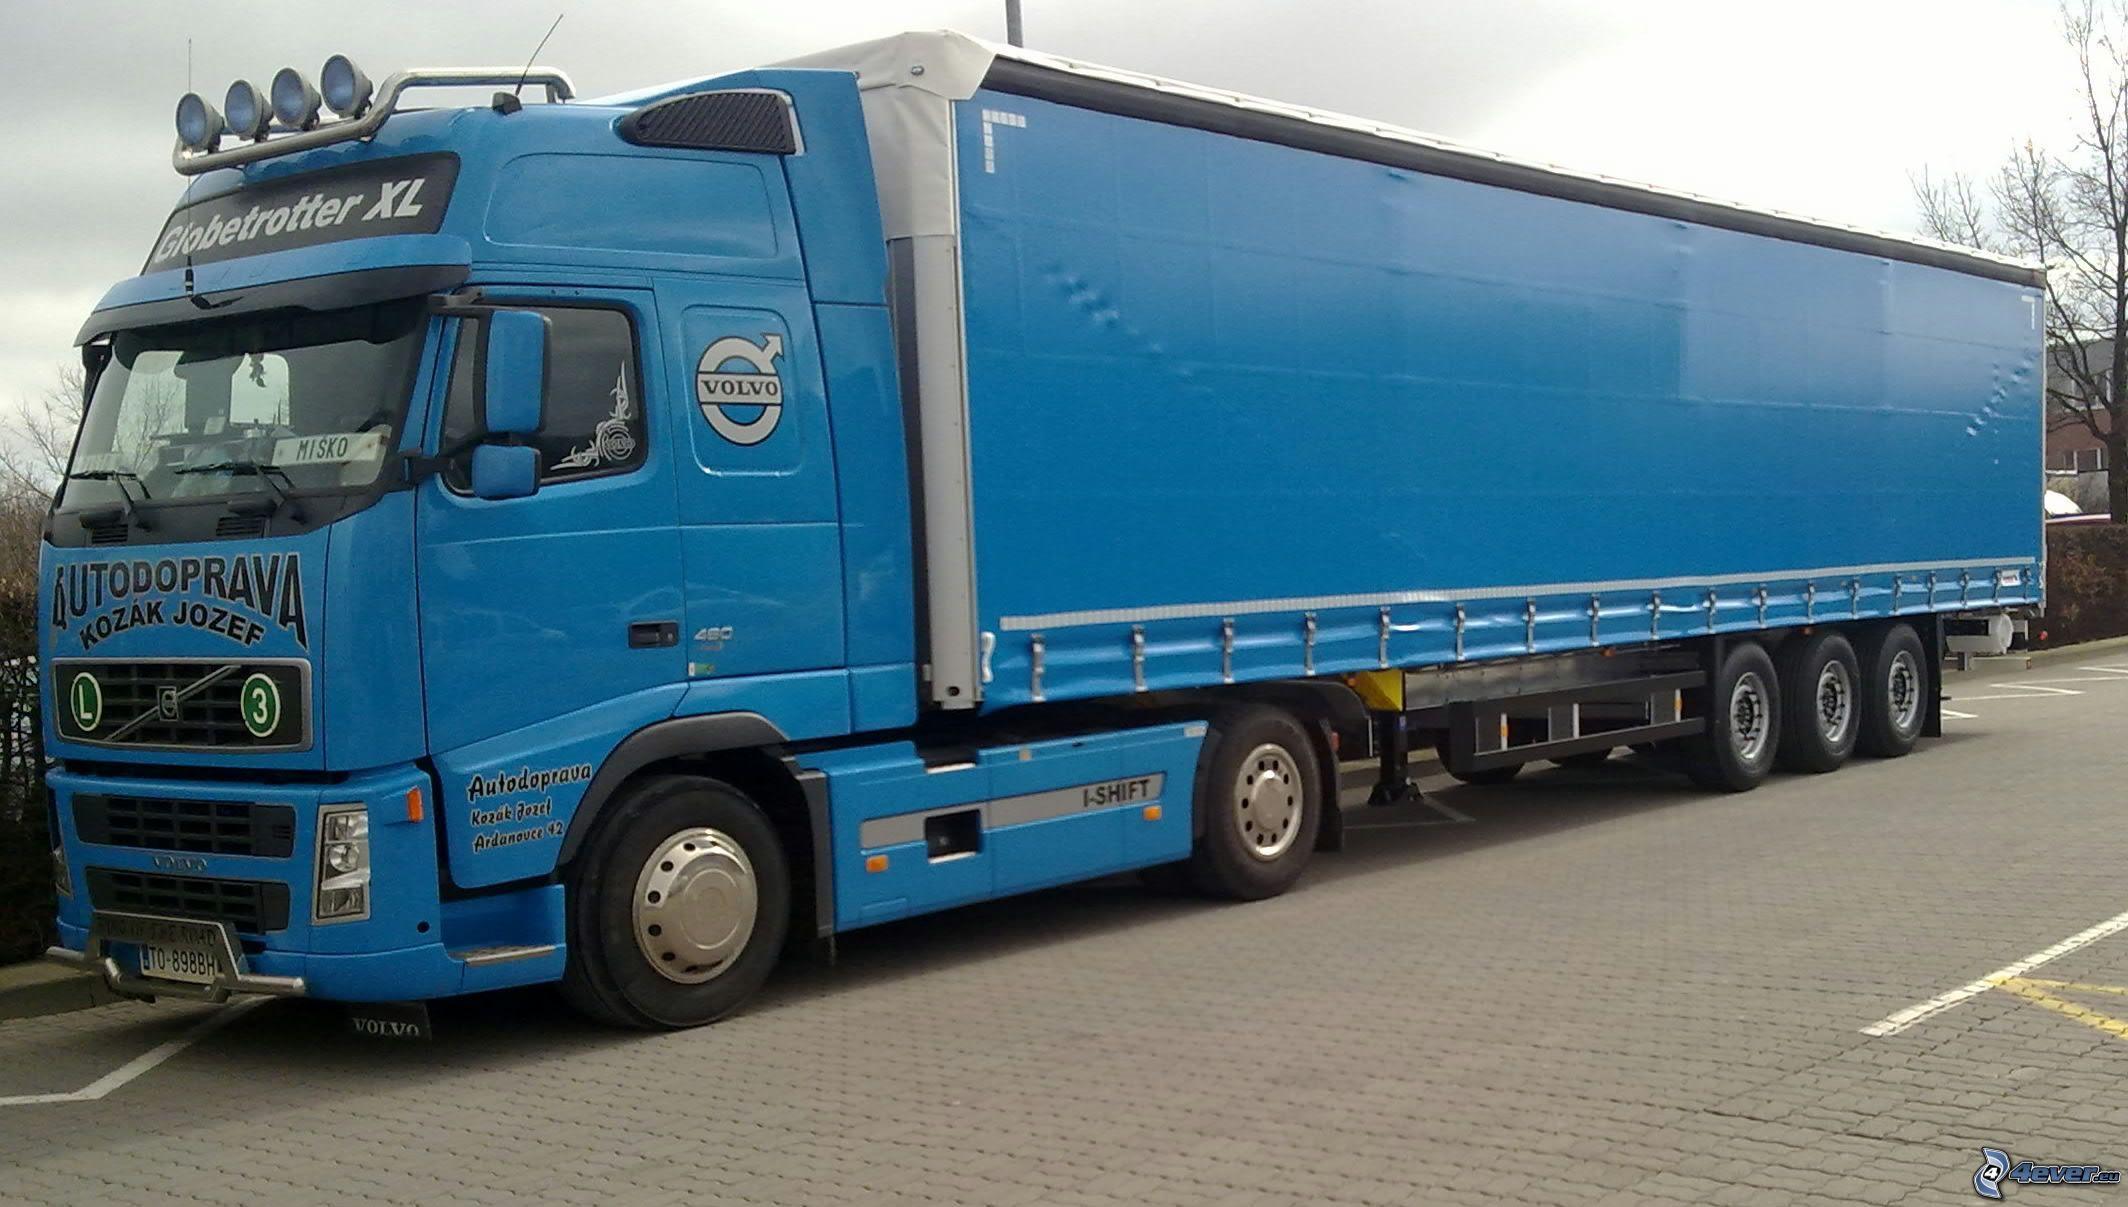 Volvo - Foto di grandi camion ...